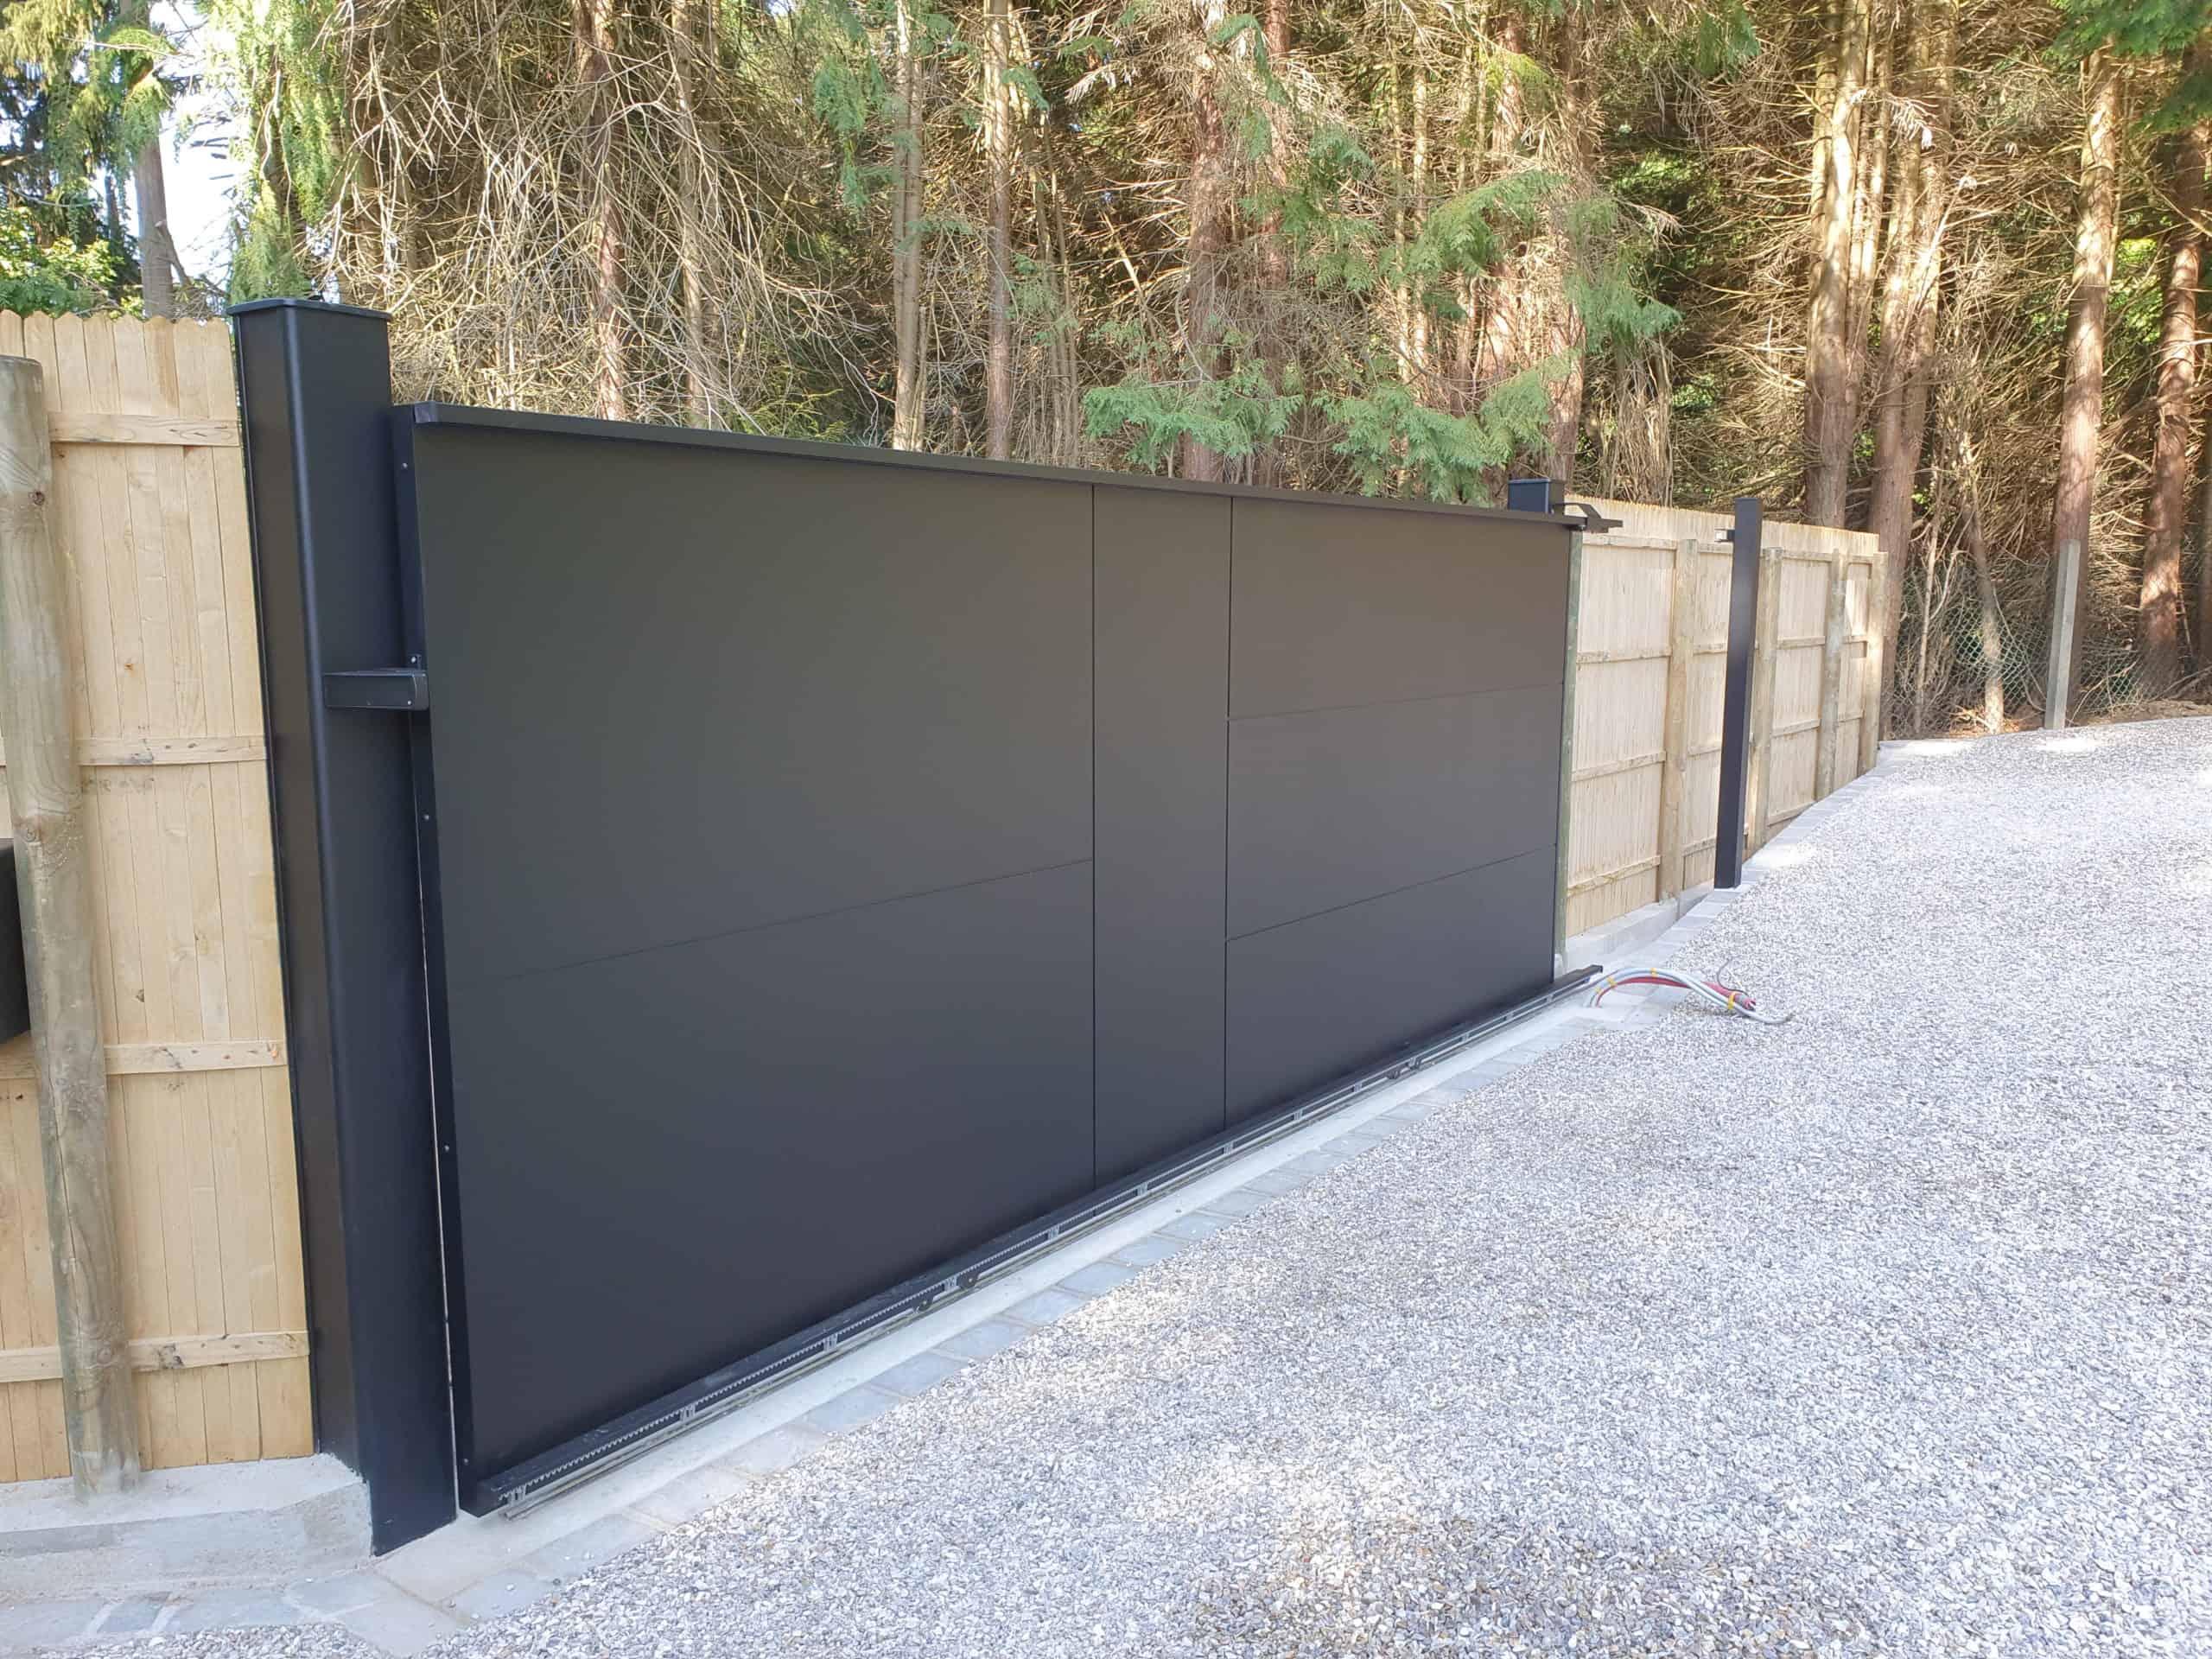 Vente et installation de portail à Rambouillet, Yvelines (78)